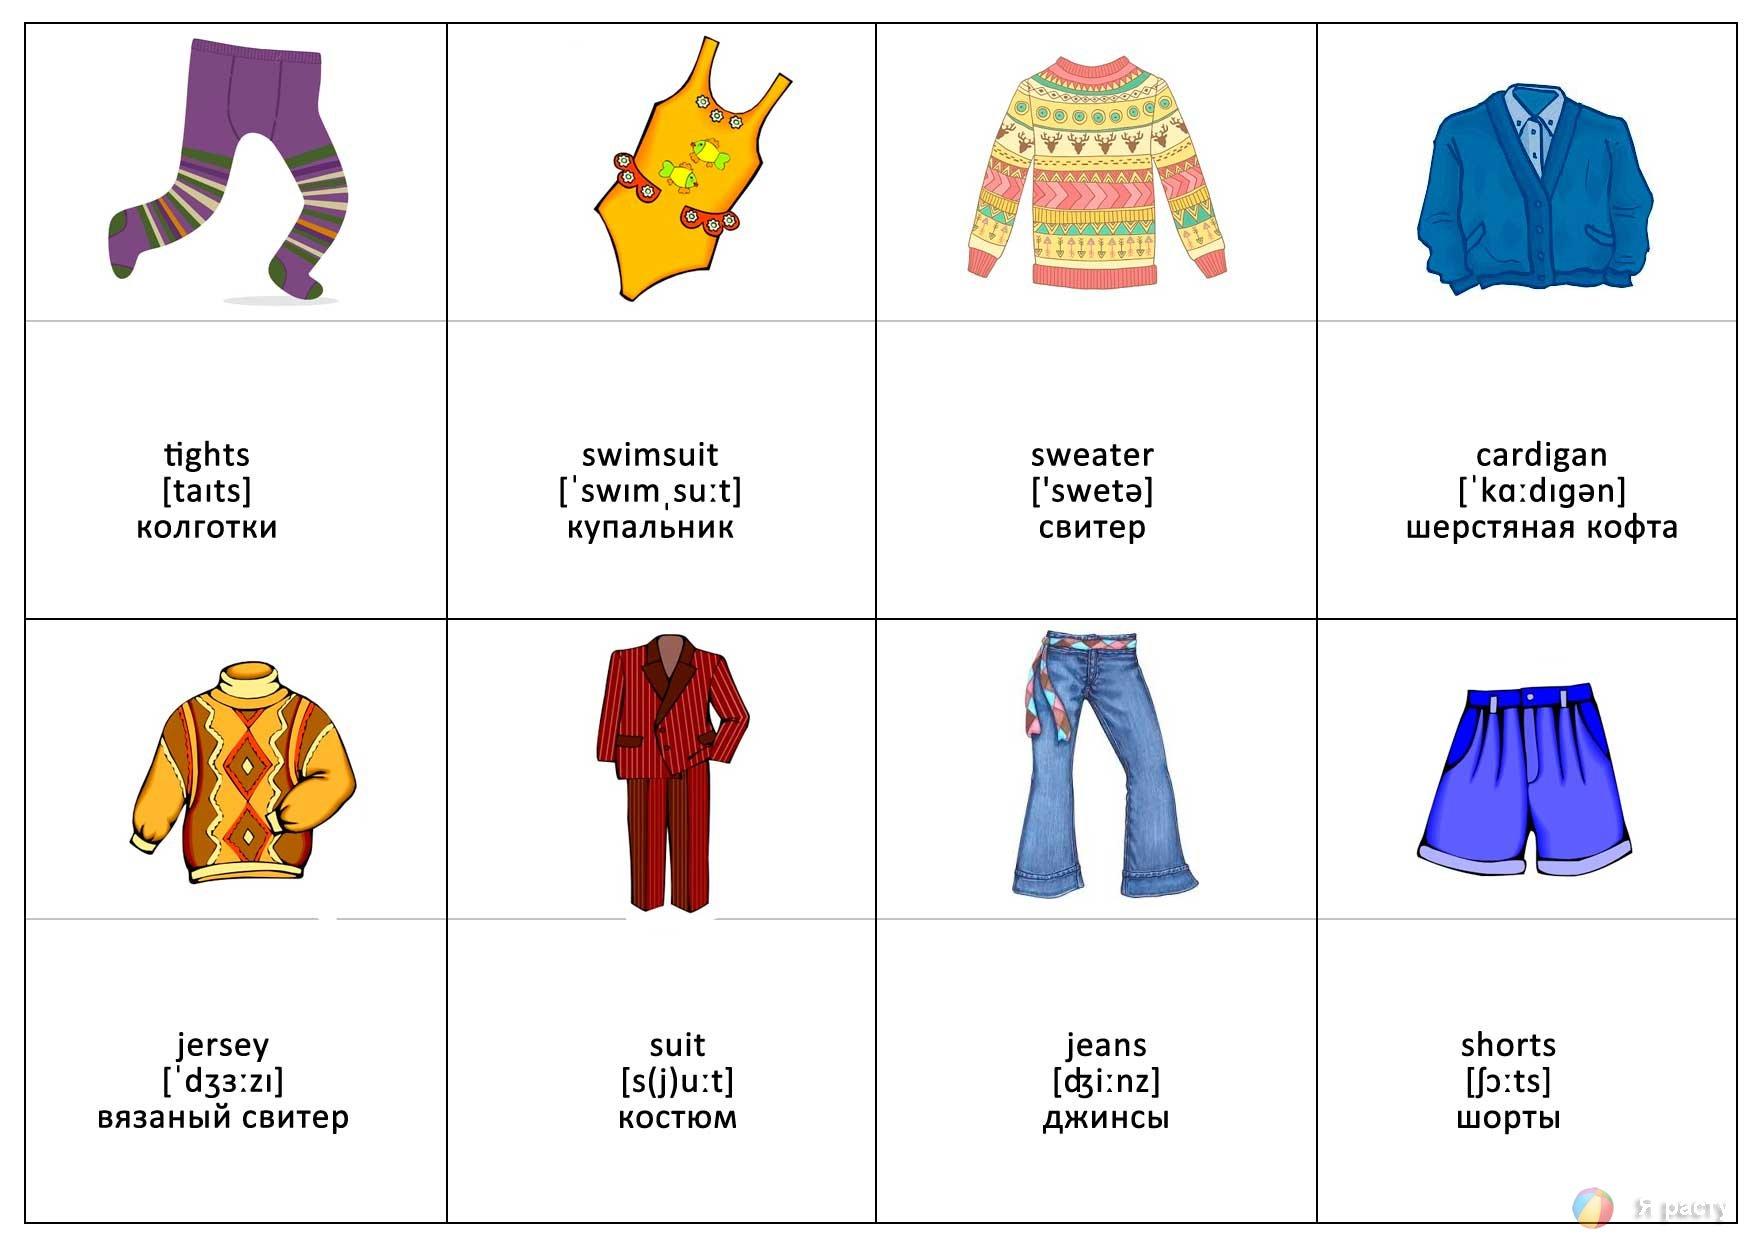 Тема одежда на английском языке для детей с картинками, школу